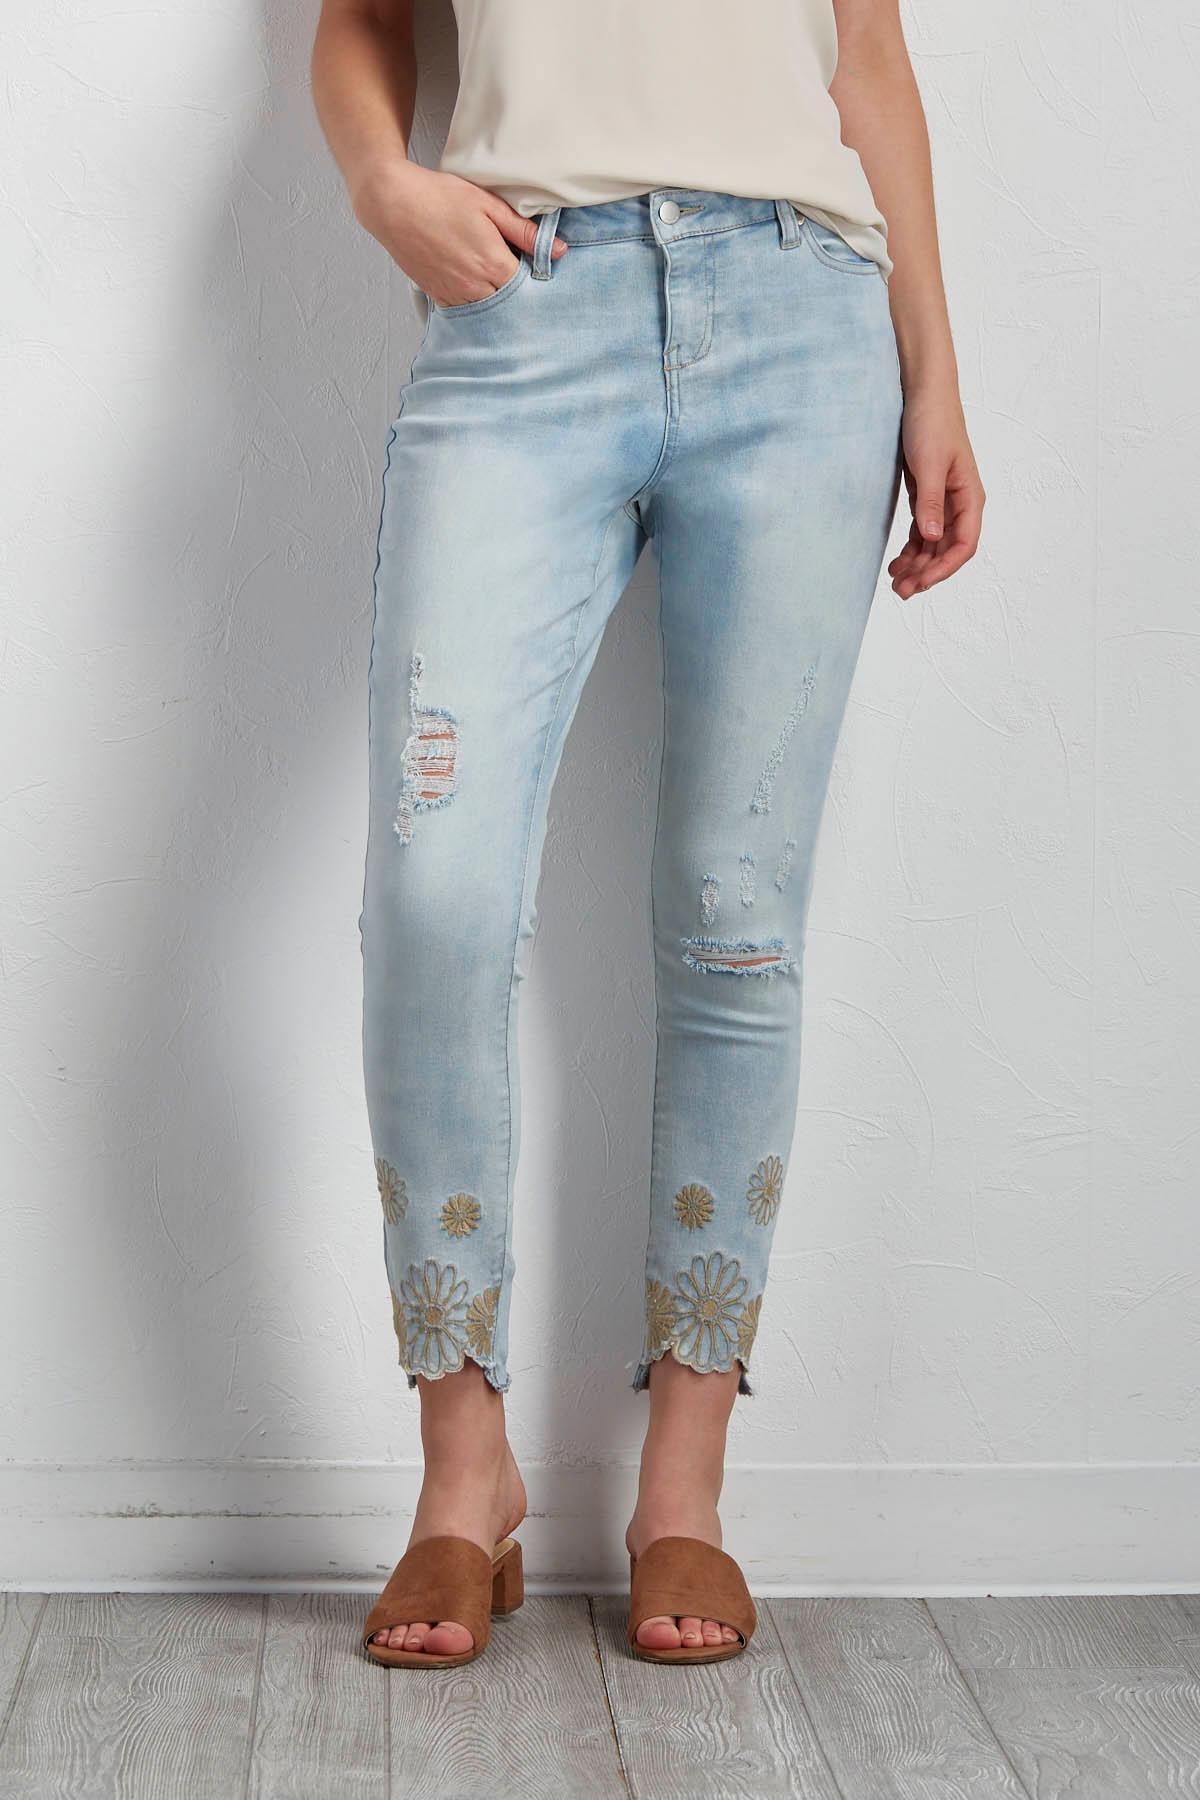 Floral Embroidered Hem Jeans